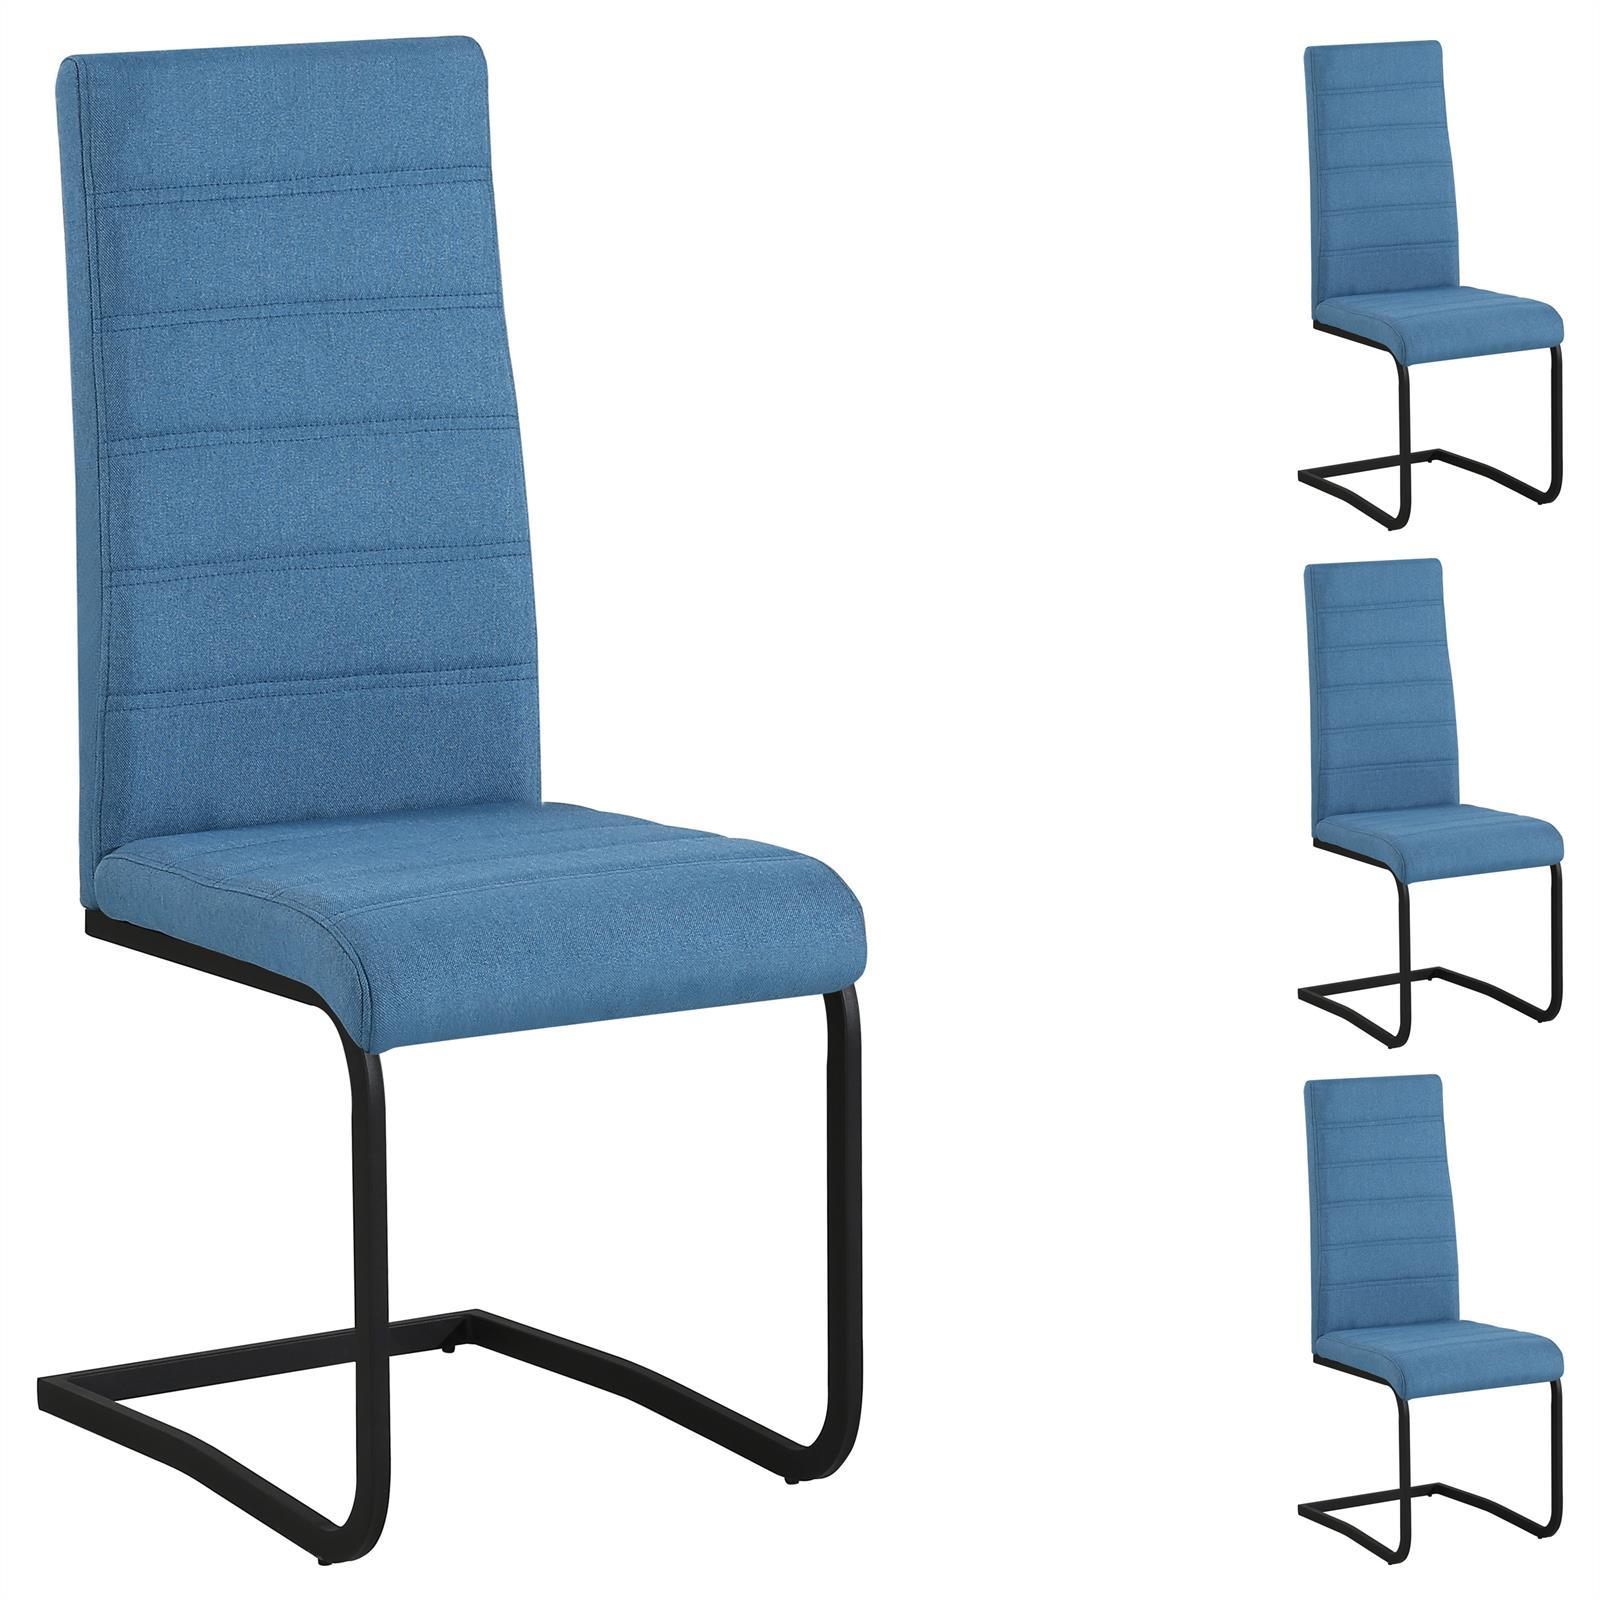 esszimmerst hle salinas im 4er set in blau caro m bel. Black Bedroom Furniture Sets. Home Design Ideas